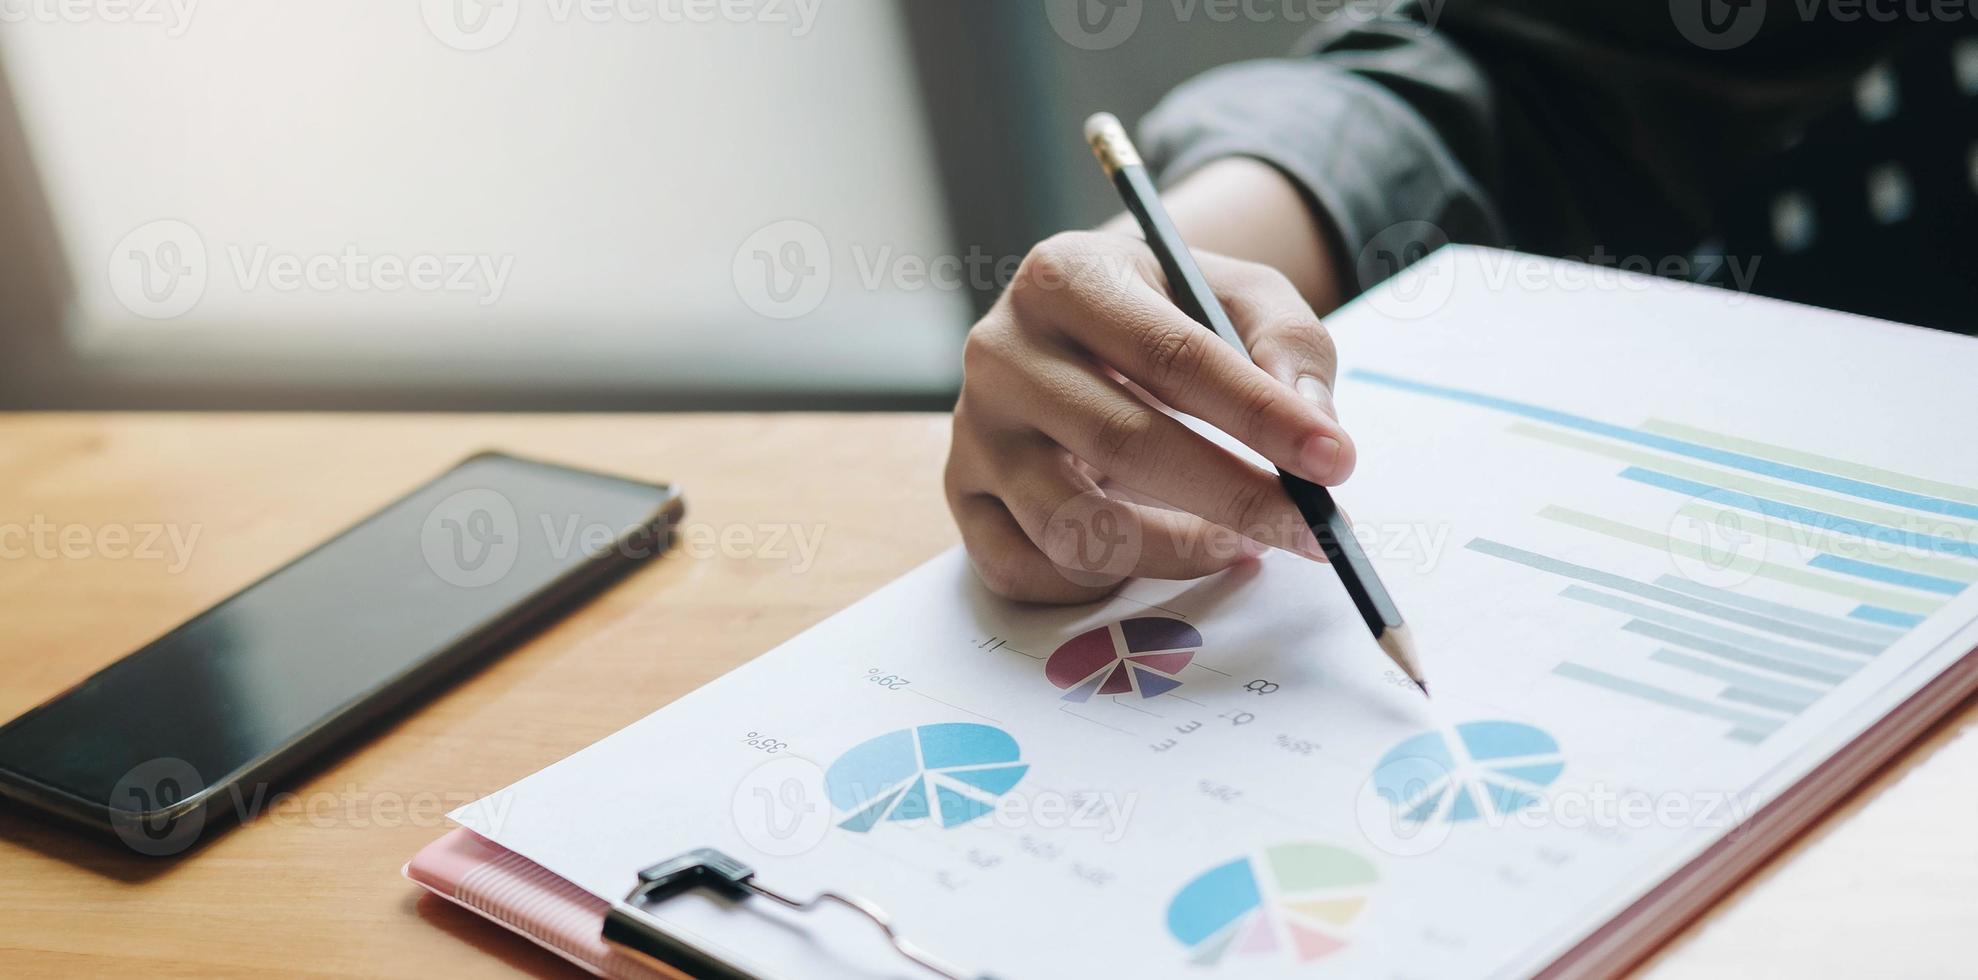 empresario trabajando con documentos gráficos en el escritorio de oficina foto